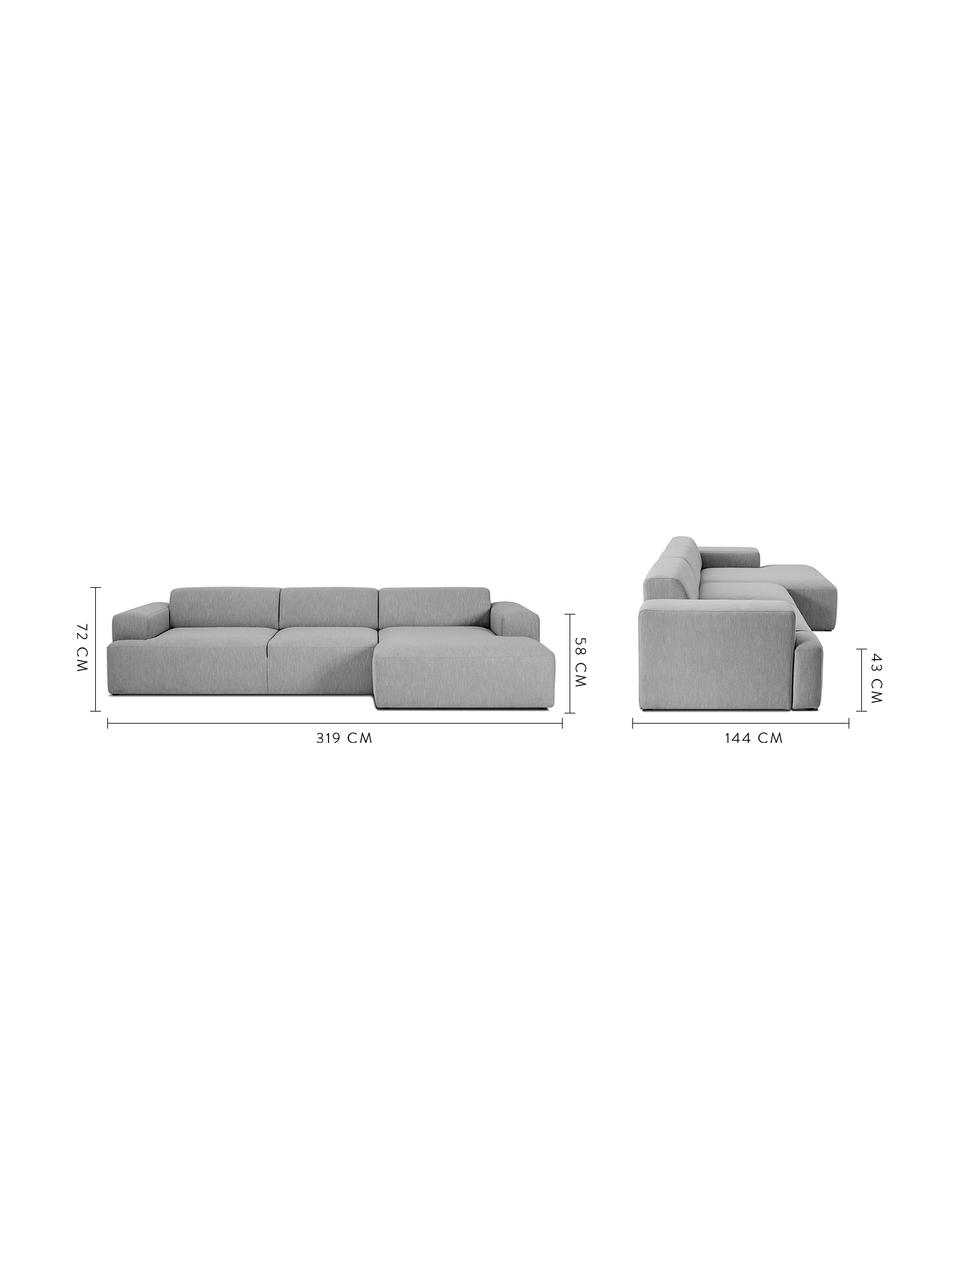 Hoekbank Melva (4-zits) in grijs, Bekleding: polyester, Frame: massief grenenhout, spaan, Poten: grenenhout, Geweven stof grijs, B 319 x D 144 cm